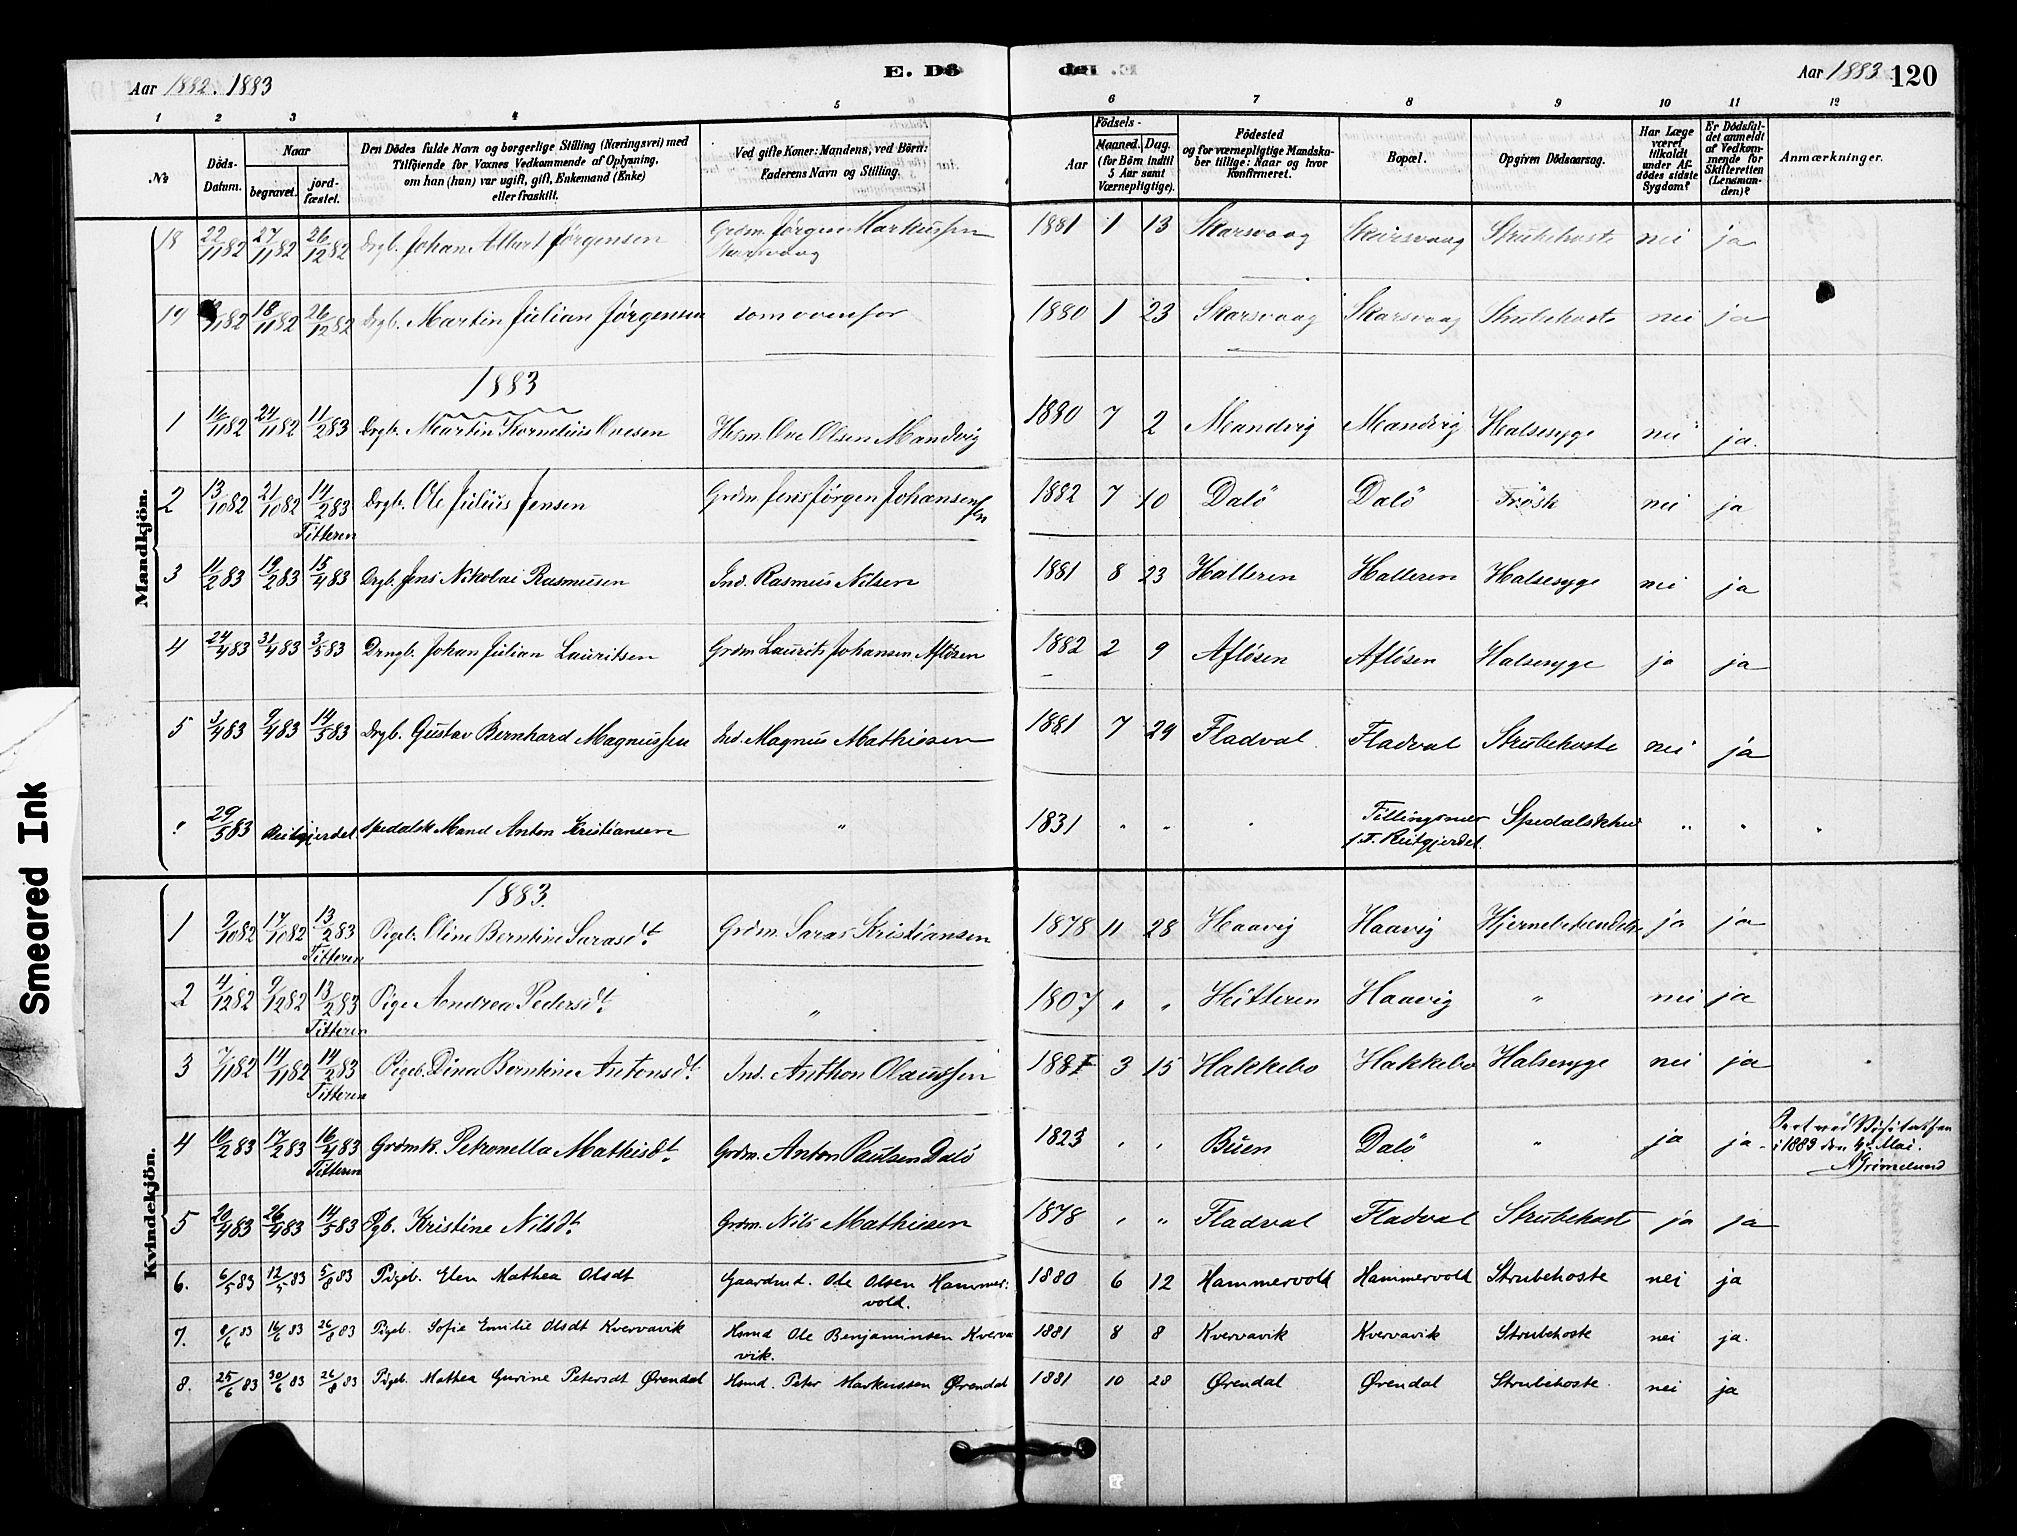 SAT, Ministerialprotokoller, klokkerbøker og fødselsregistre - Sør-Trøndelag, 641/L0595: Ministerialbok nr. 641A01, 1882-1897, s. 120